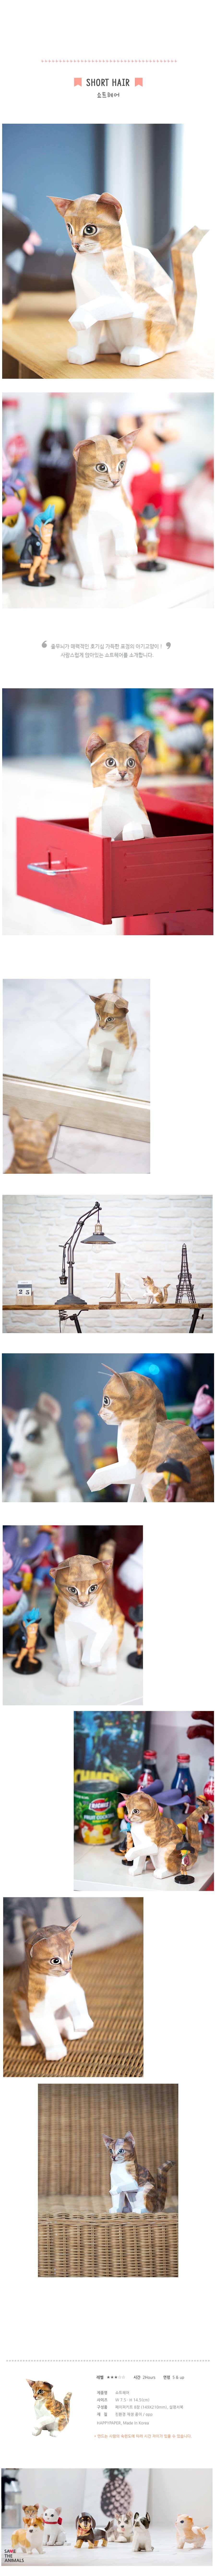 쇼트헤어 고양이 DIY 페이퍼 크래프트 만들기8,000원-해피페이퍼키덜트/취미, 아트토이, 페이퍼 토이, 동물바보사랑쇼트헤어 고양이 DIY 페이퍼 크래프트 만들기8,000원-해피페이퍼키덜트/취미, 아트토이, 페이퍼 토이, 동물바보사랑